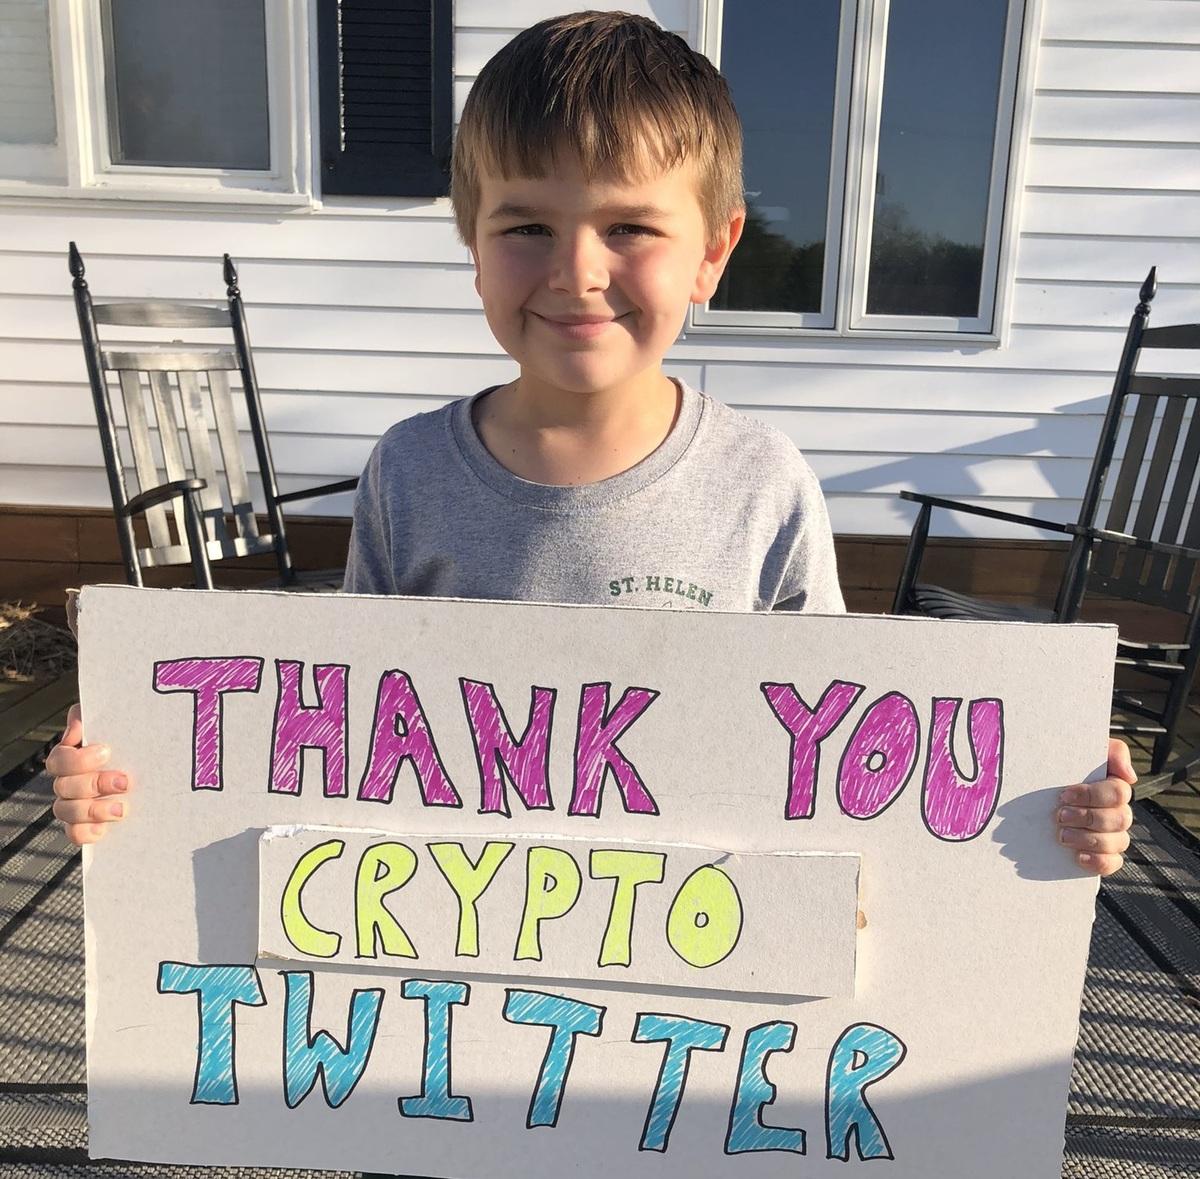 کیف پول اتریوم | کودک مبتلا به سرطان خون ، ۸۰۰,۰۰۰ دلار ارز دیجیتال هدیه گرفت